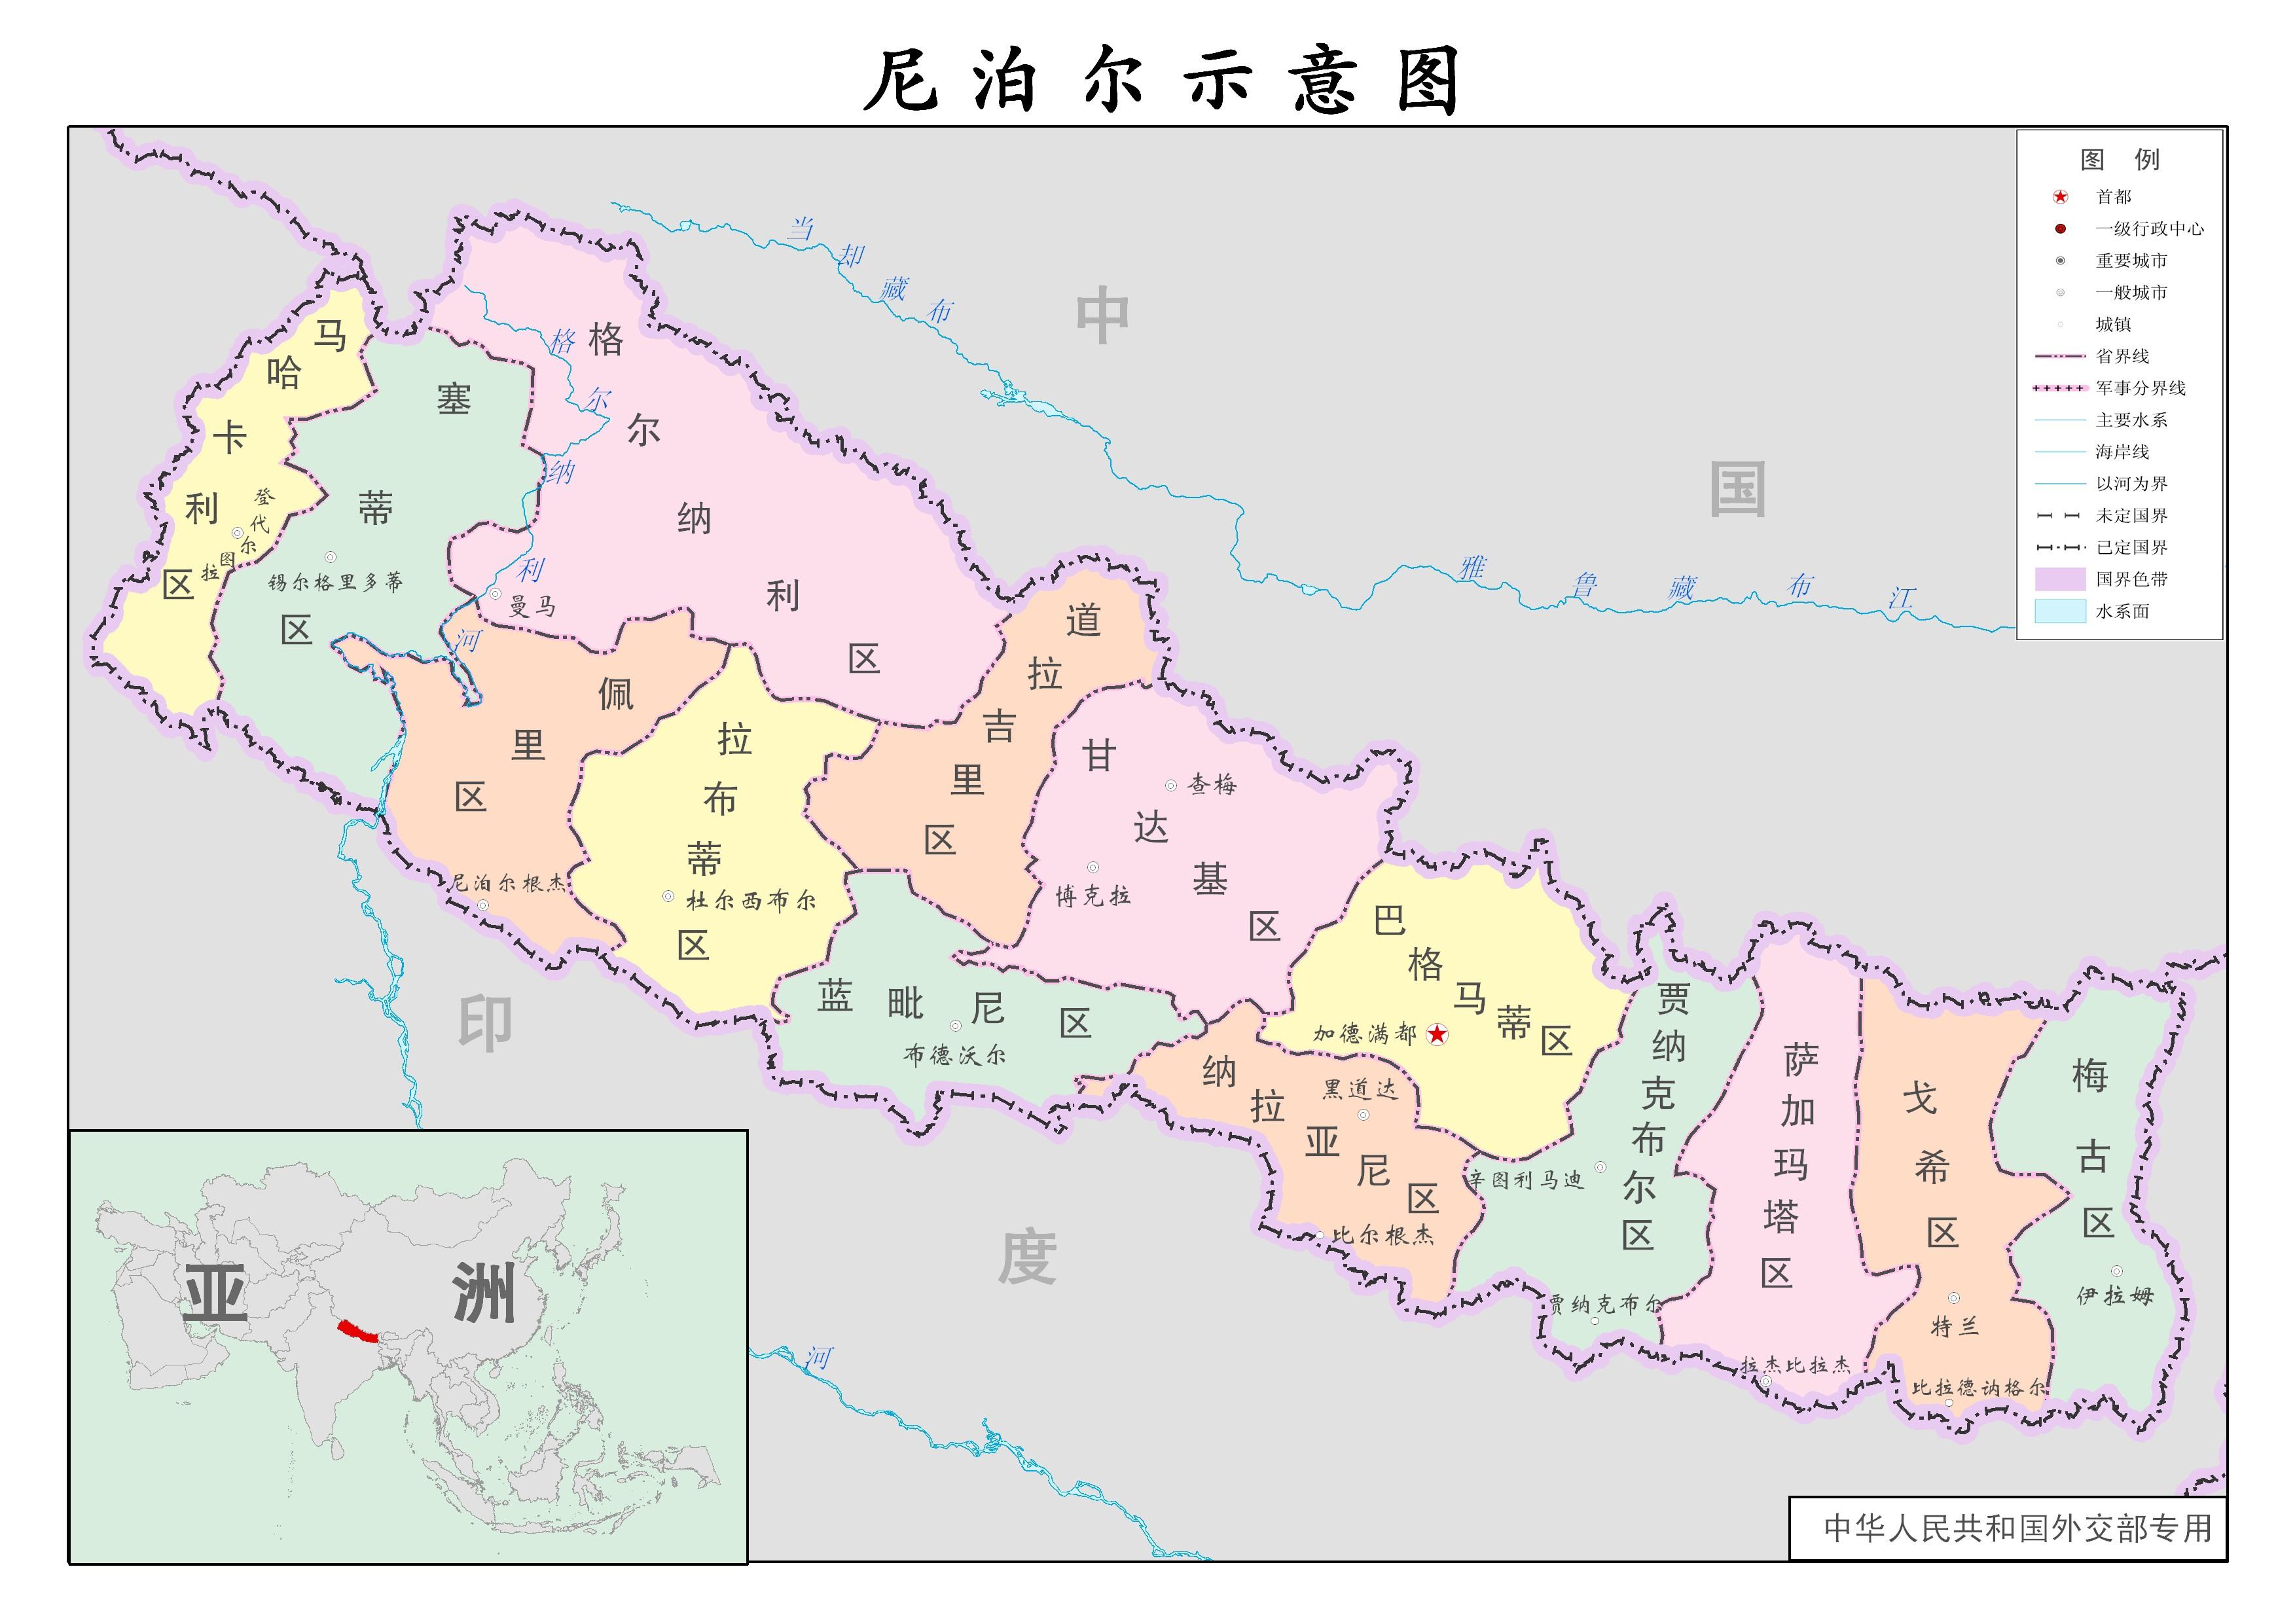 尼泊尔行政示意图